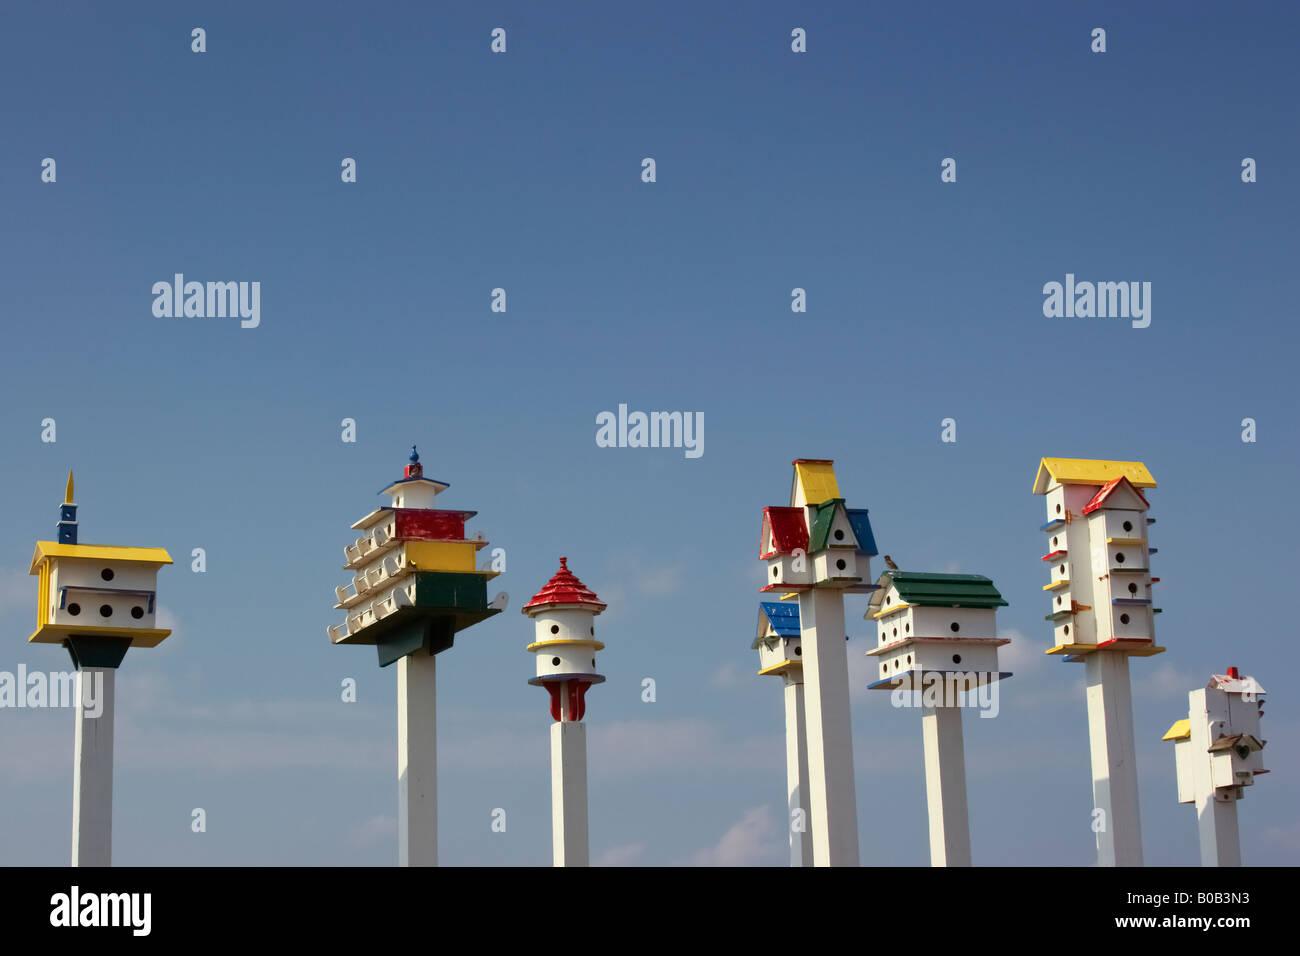 Colorido birdhouses en el patio delantero de una propiedad en Rt 12 Costas Sur Carolina del Norte Imagen De Stock